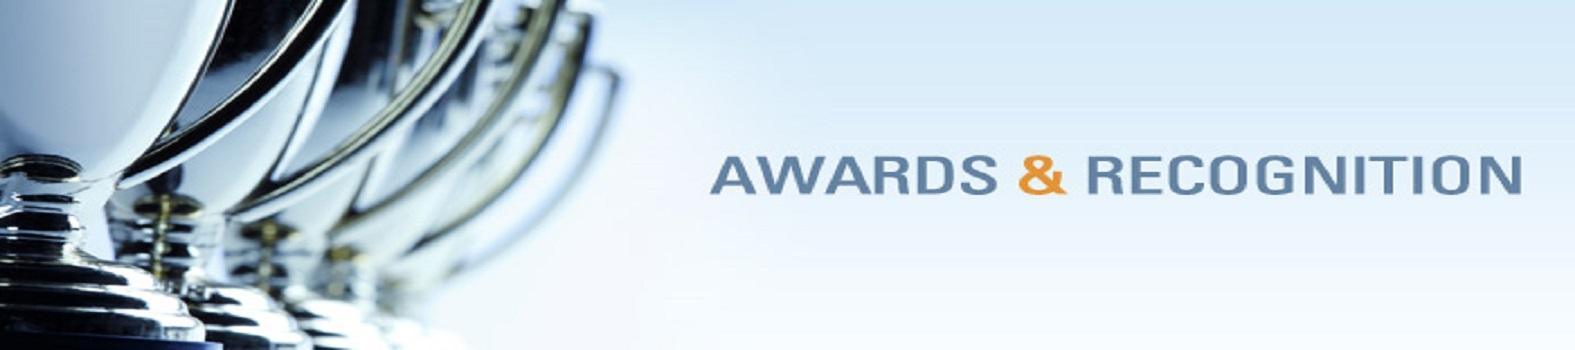 Awards_center_img